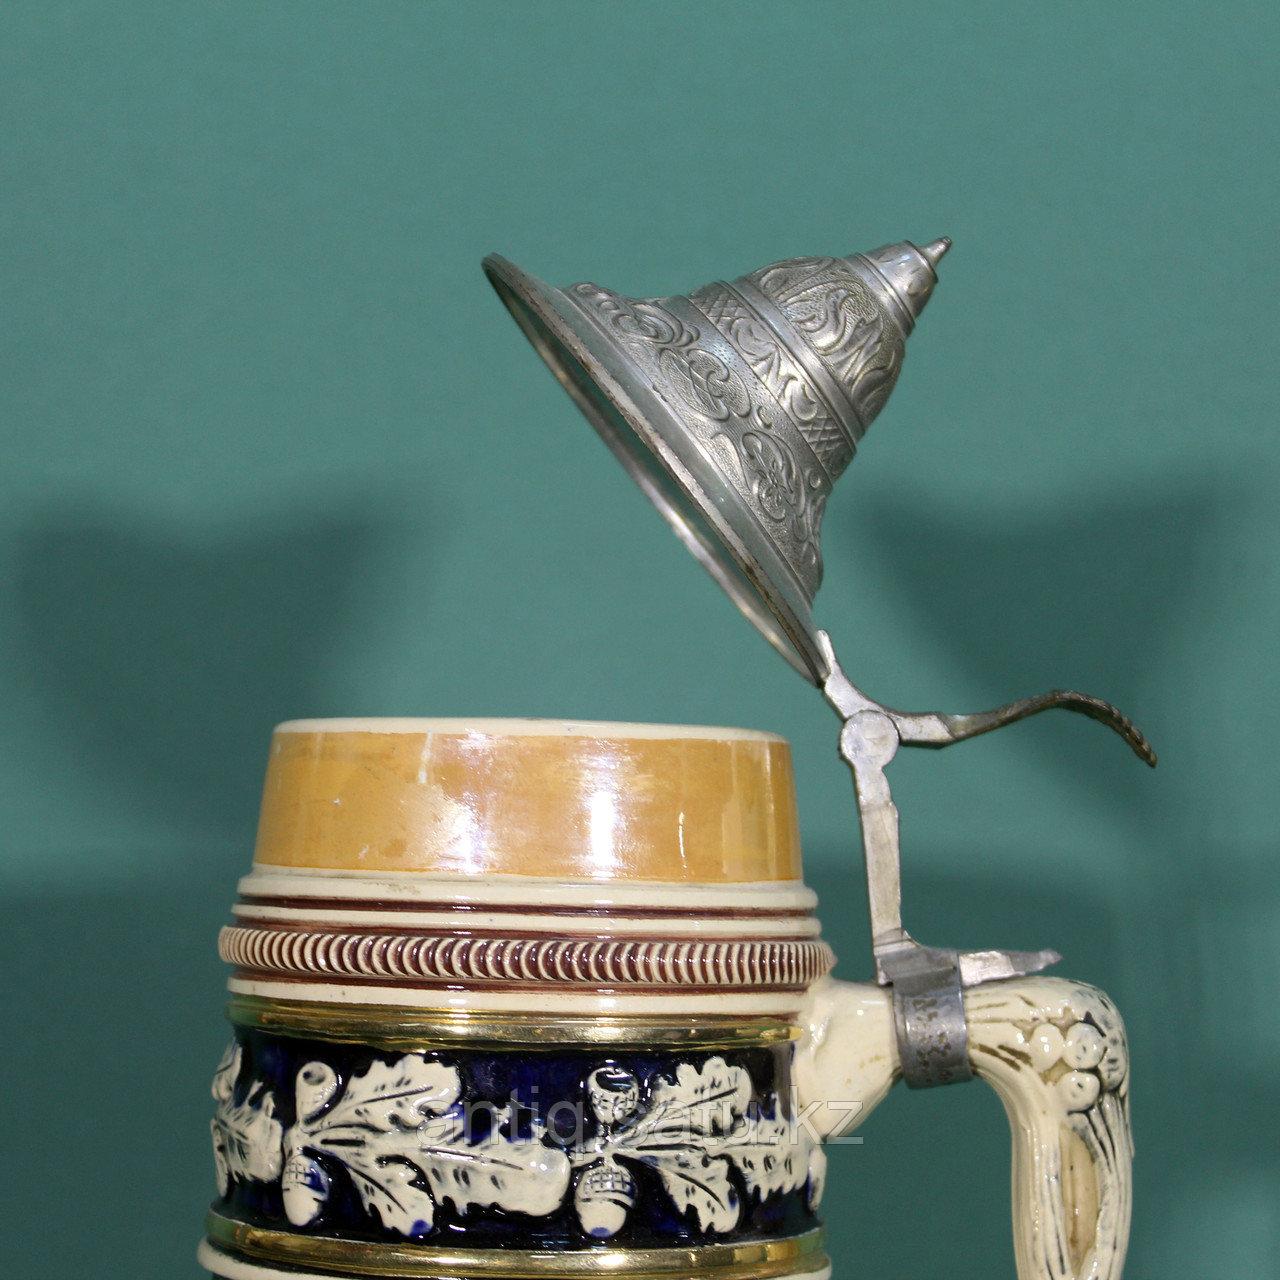 КОЛЛЕКЦИОННАЯ ПИВНАЯ КРУЖКА «ИГРА НА ЦИТРЕ» Мануфактура по изготовлению керамических изделий KING. - фото 3